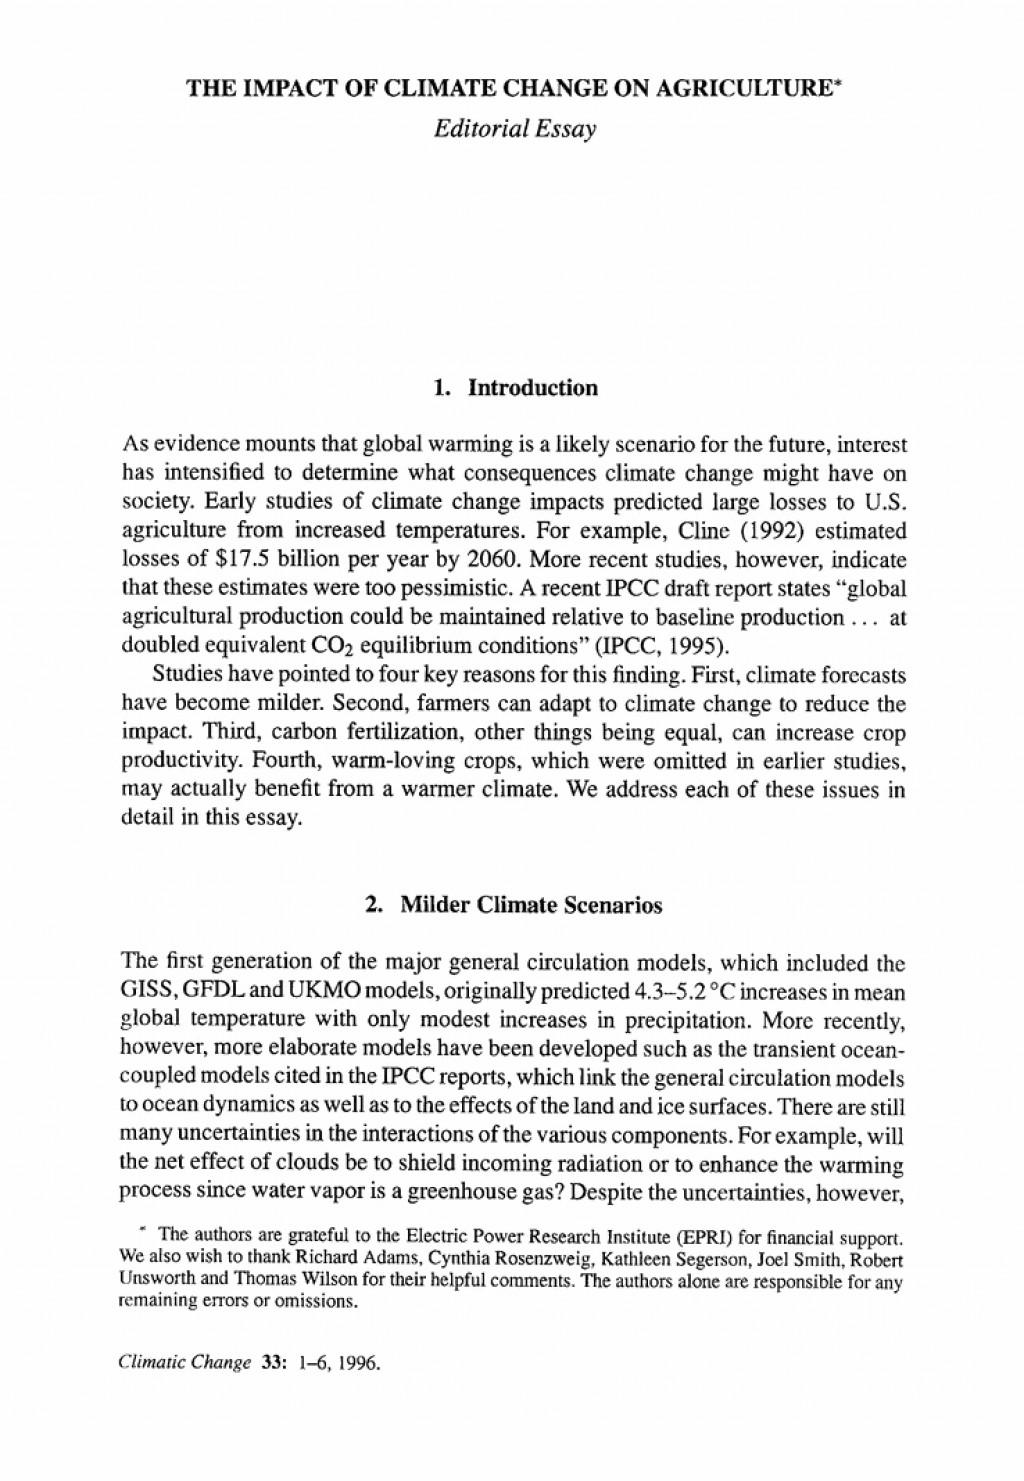 002 Essay Example Argumentative On Climate Change About Global Warming Nadia Minkoff Get Img Brohessayaboutglobalwa Wonderful Large